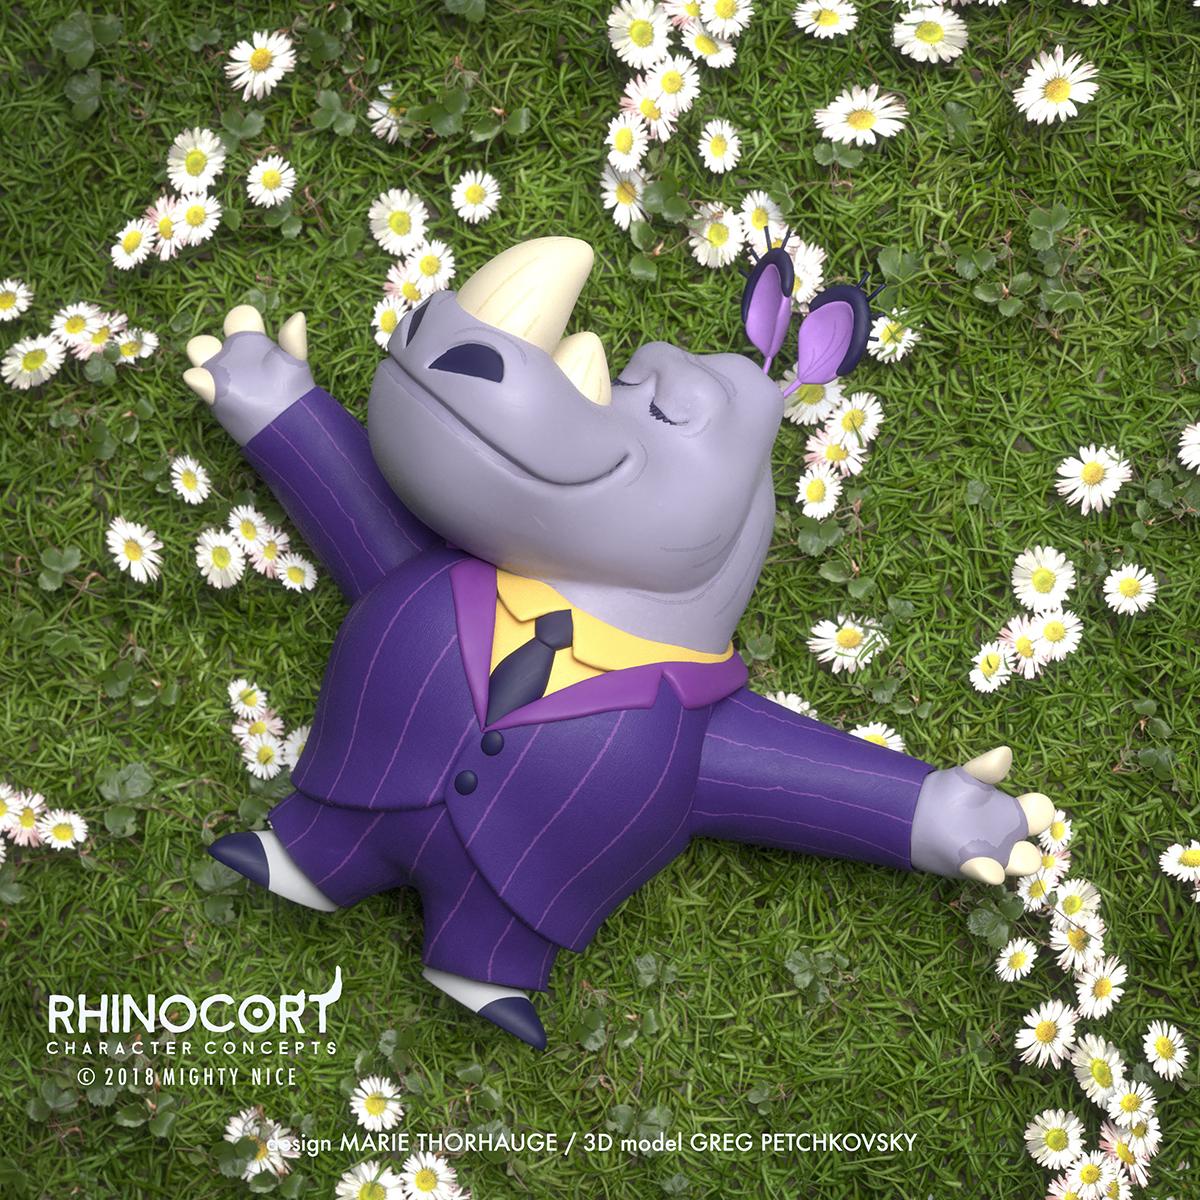 MightyNice_Marie-Thorhauge_DarrenPrice_Rhinocort_3Dmodel_03.jpg